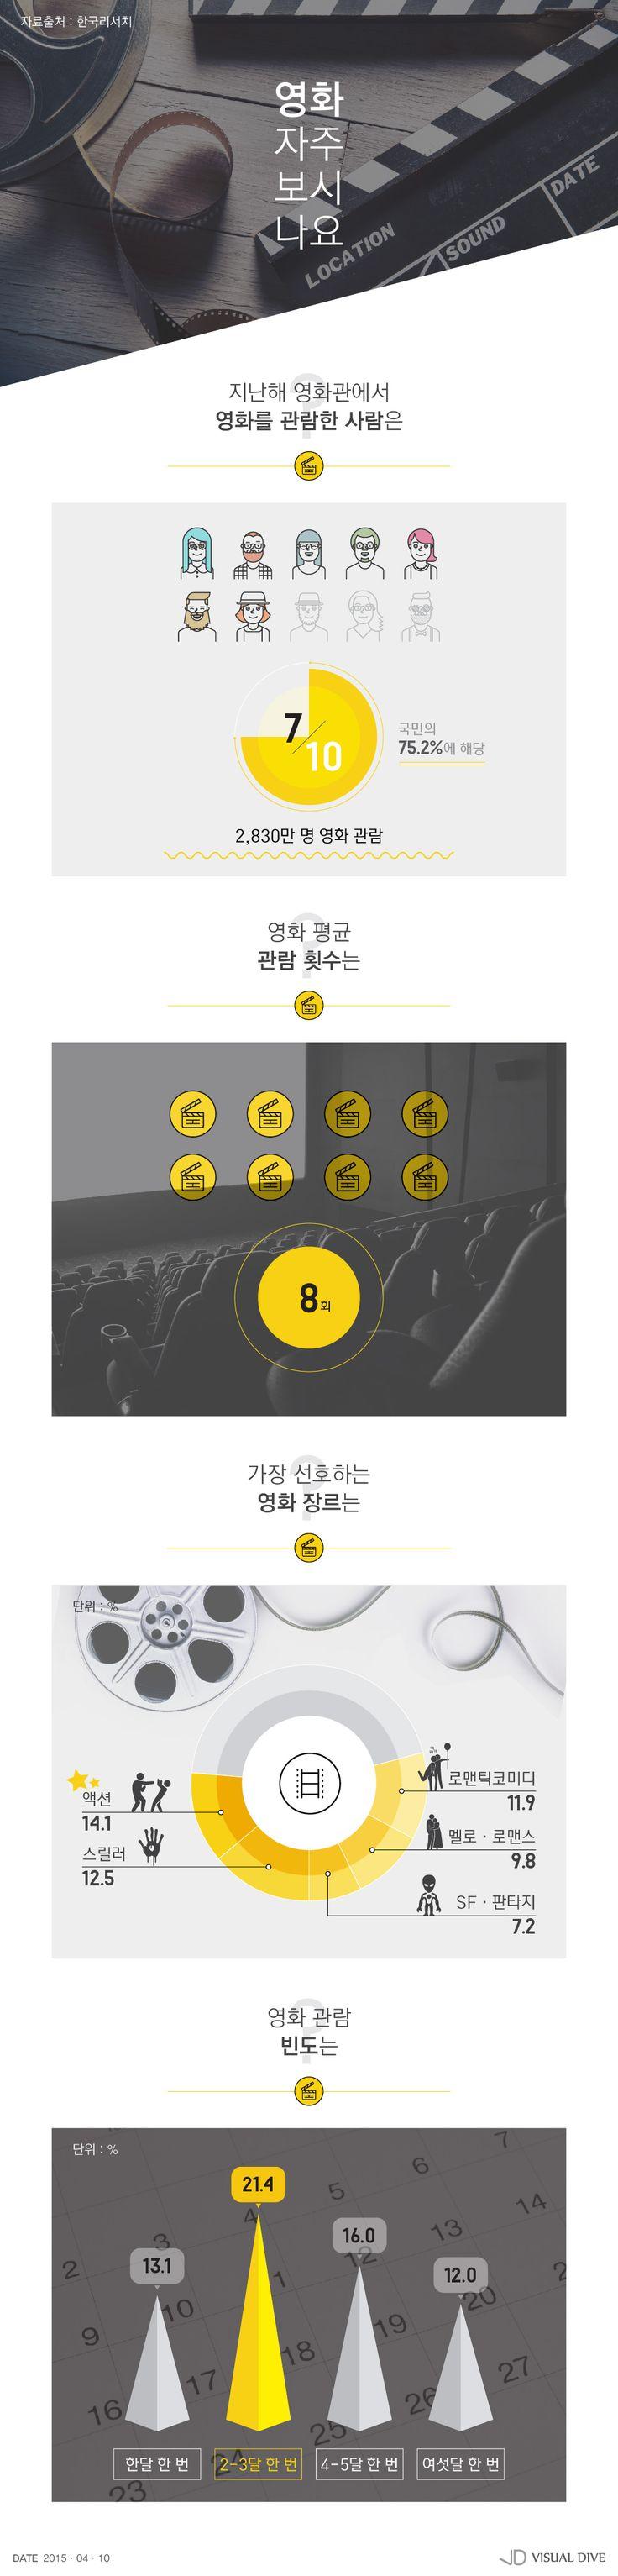 지난해 국민 10명 중 7명 영화관람… '액션' 가장 선호 [인포그래픽] #movie / #Infographic ⓒ 비주얼다이브 무단 복사·전재·재배포 금지